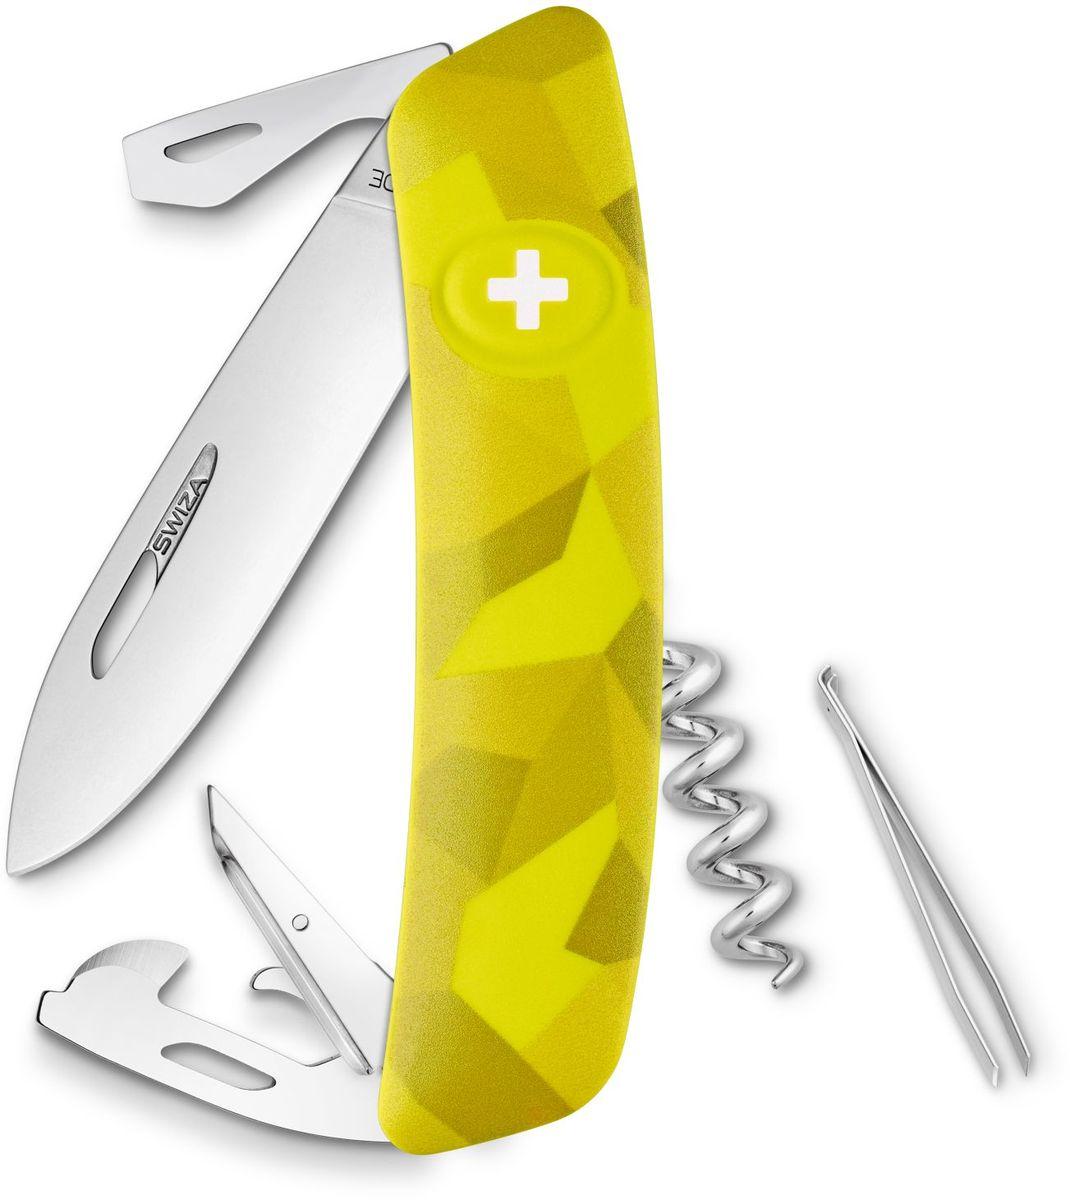 Нож швейцарский SWIZA С03, цвет: желтый, длина клинка 7,5 смa026124Швейцарский нож (SWIZA С03) с его революционной формой и безопасной рукояткой, легко раскладываемой ручкой - самый удобный и простой в использовании швейцарский нож на все времена. Эргономично изогнутая форма ножа обеспечивает более легкий доступ к инструментам, а пазы позволяют легко их открывать, как левой, так и правой рукой.1. нож перочинный, 2.Штопор, 3. ример/дырокол 4. шило, 5. безопасная блокировка лезвий, 6. пинцет 7. консервный нож, 8 Wire Bender (для проволоки), 9 Отвертка №1, 10. Отвертка №3, 11. Открывалка для бутылок